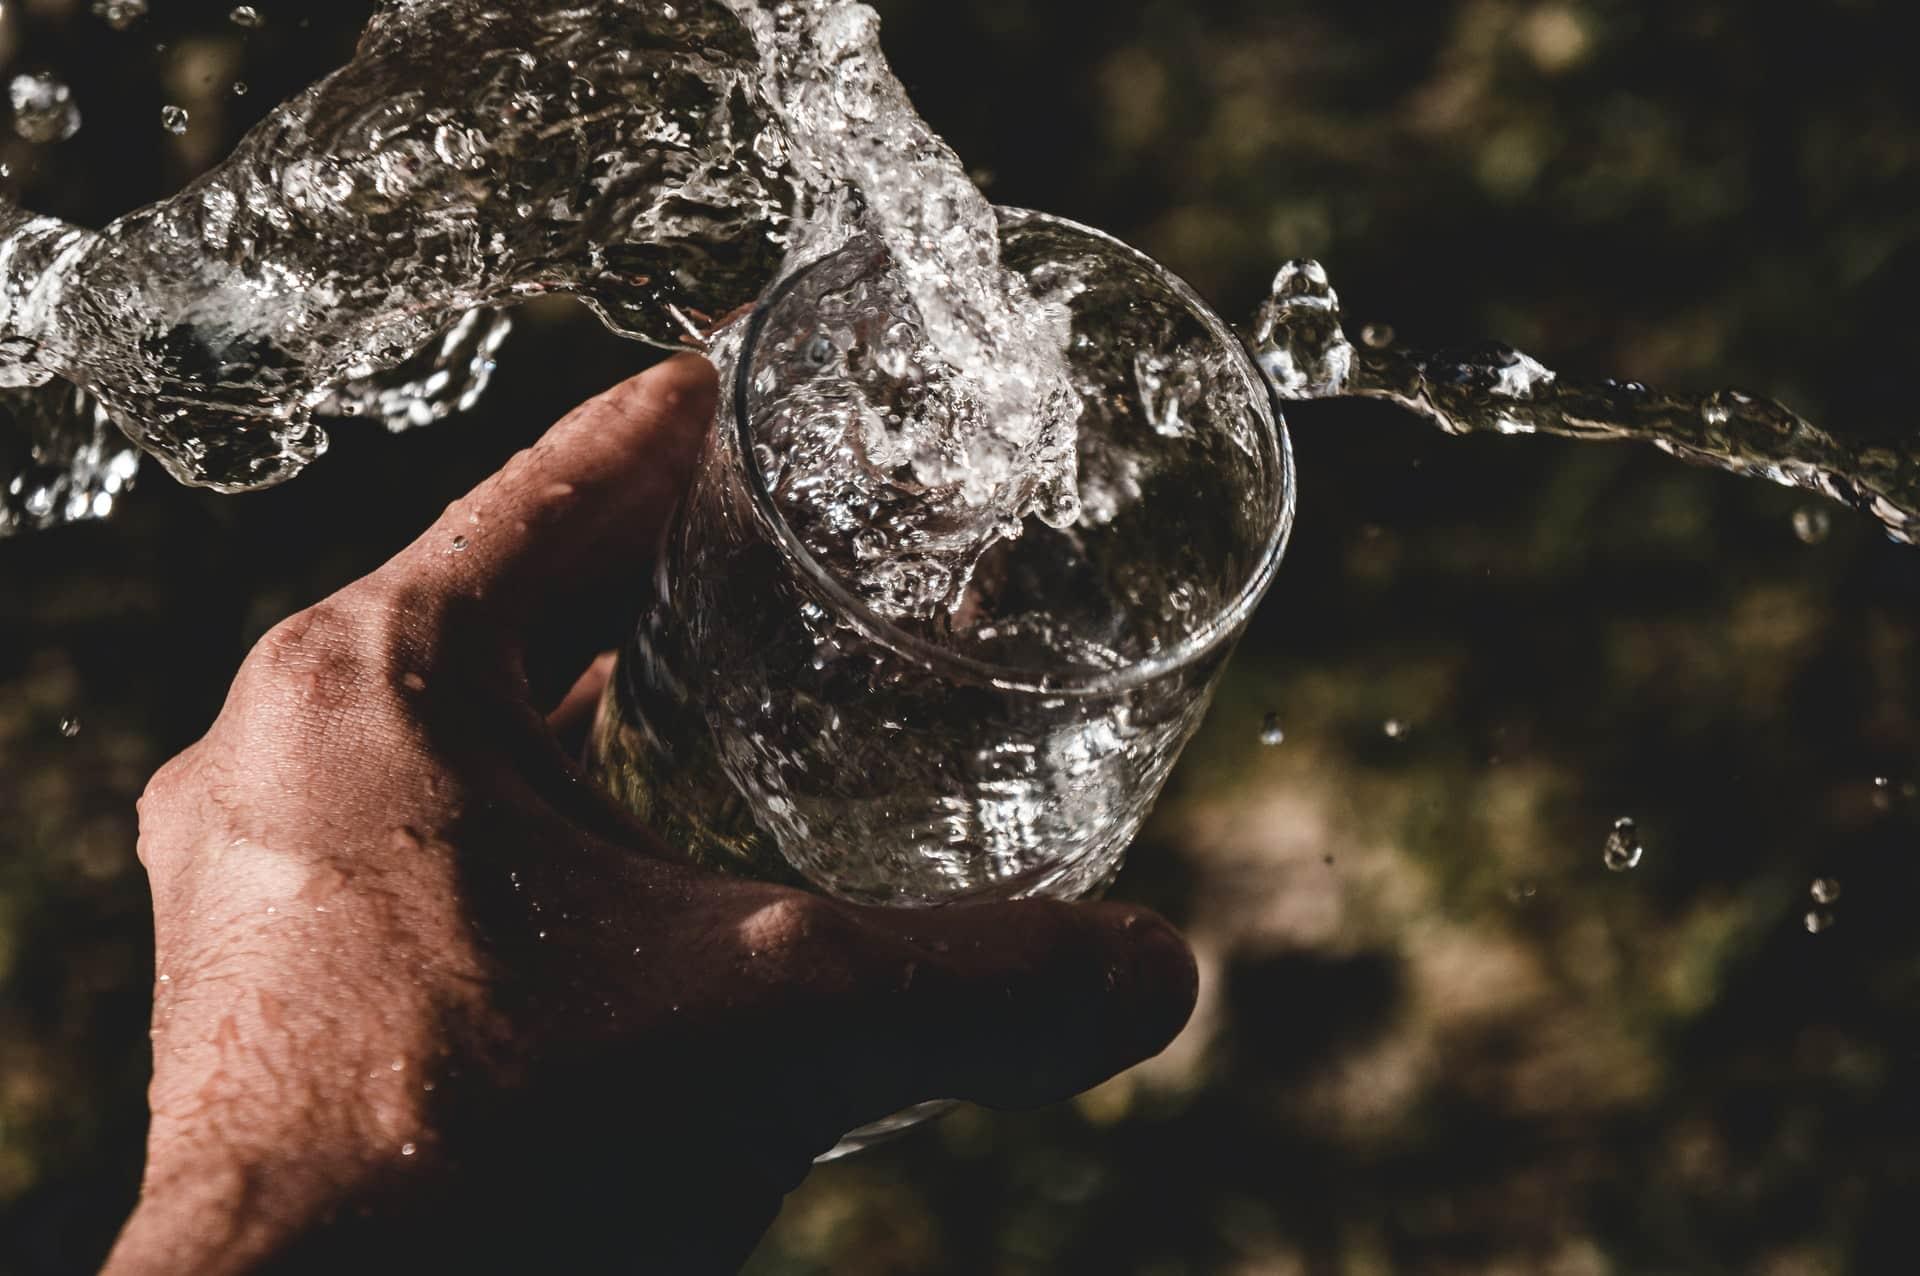 Bastelkleber Selbst Herstellen : mineralwasser selbst herstellen ein mehrfach ~ Watch28wear.com Haus und Dekorationen